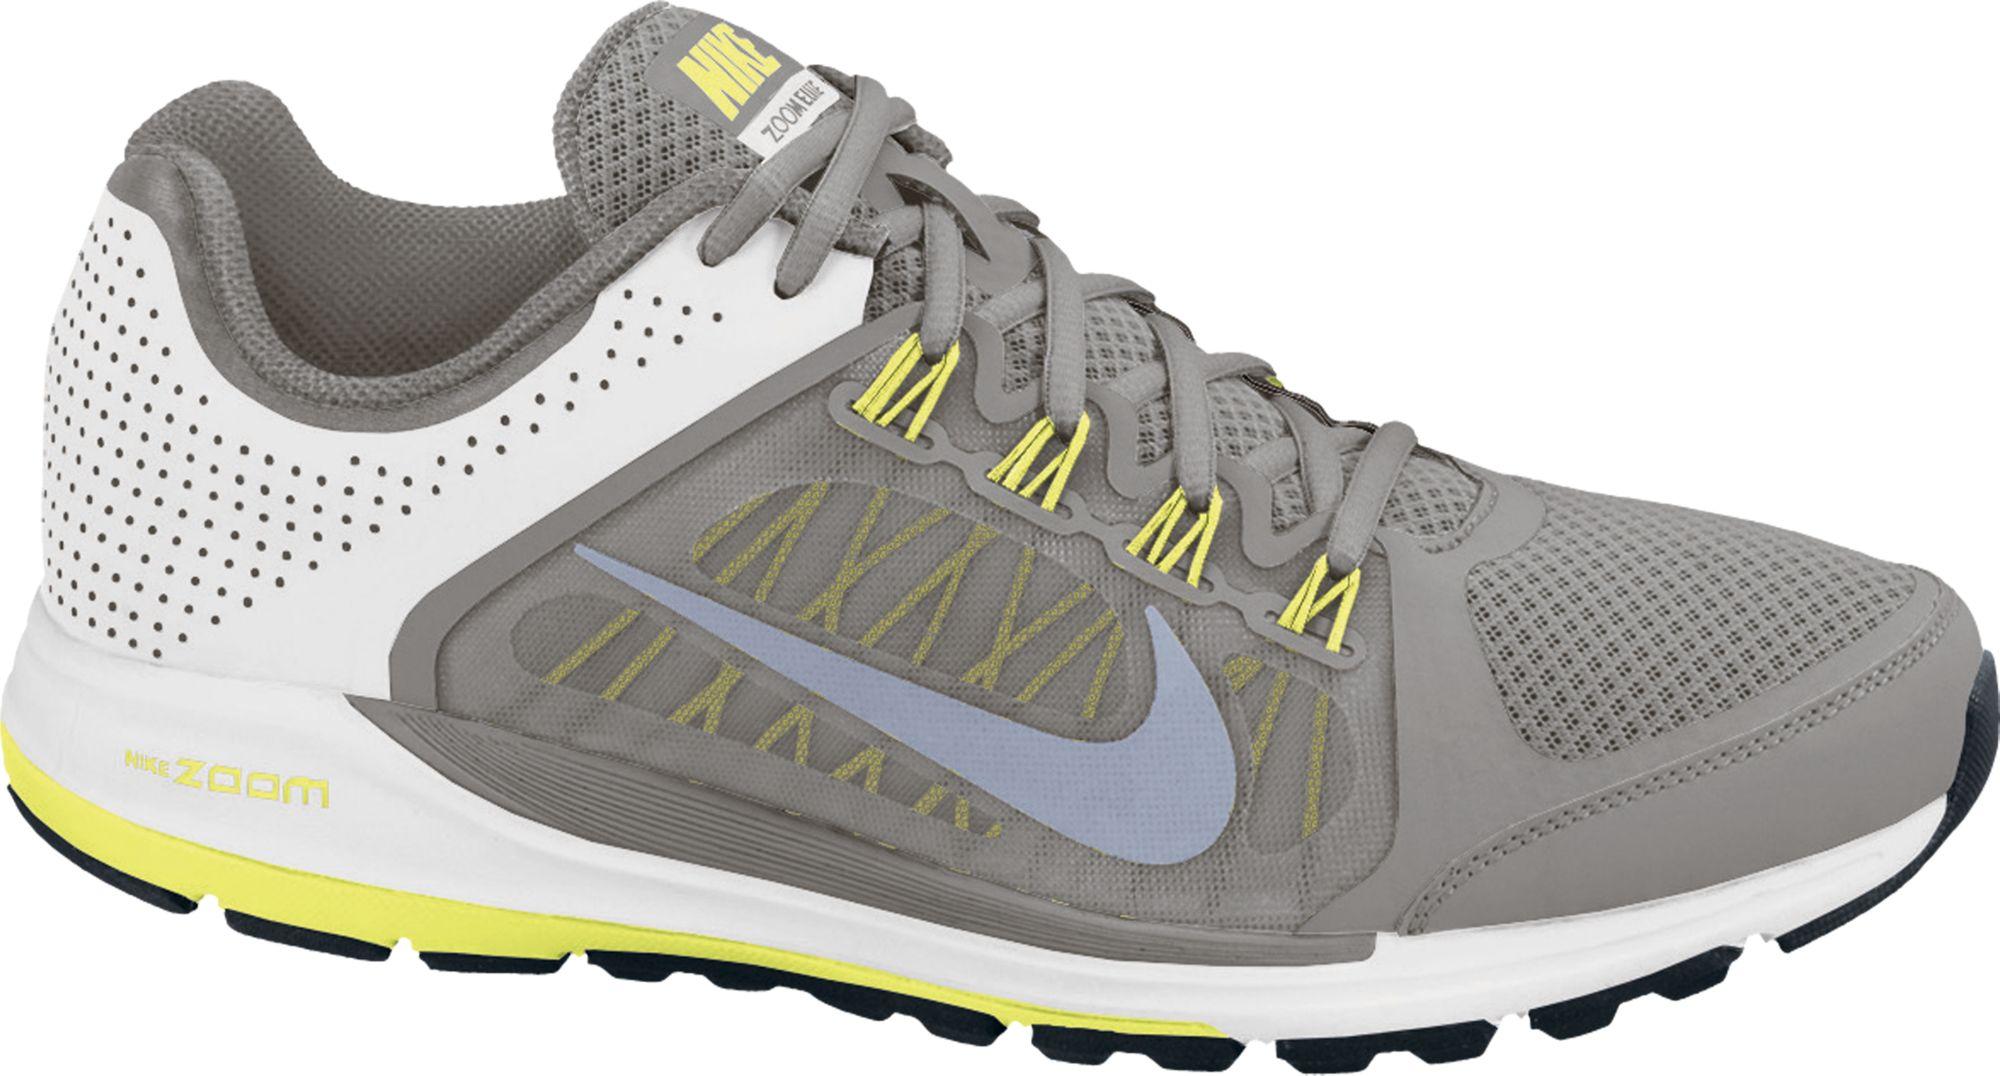 Nike Zoom Elite + 6